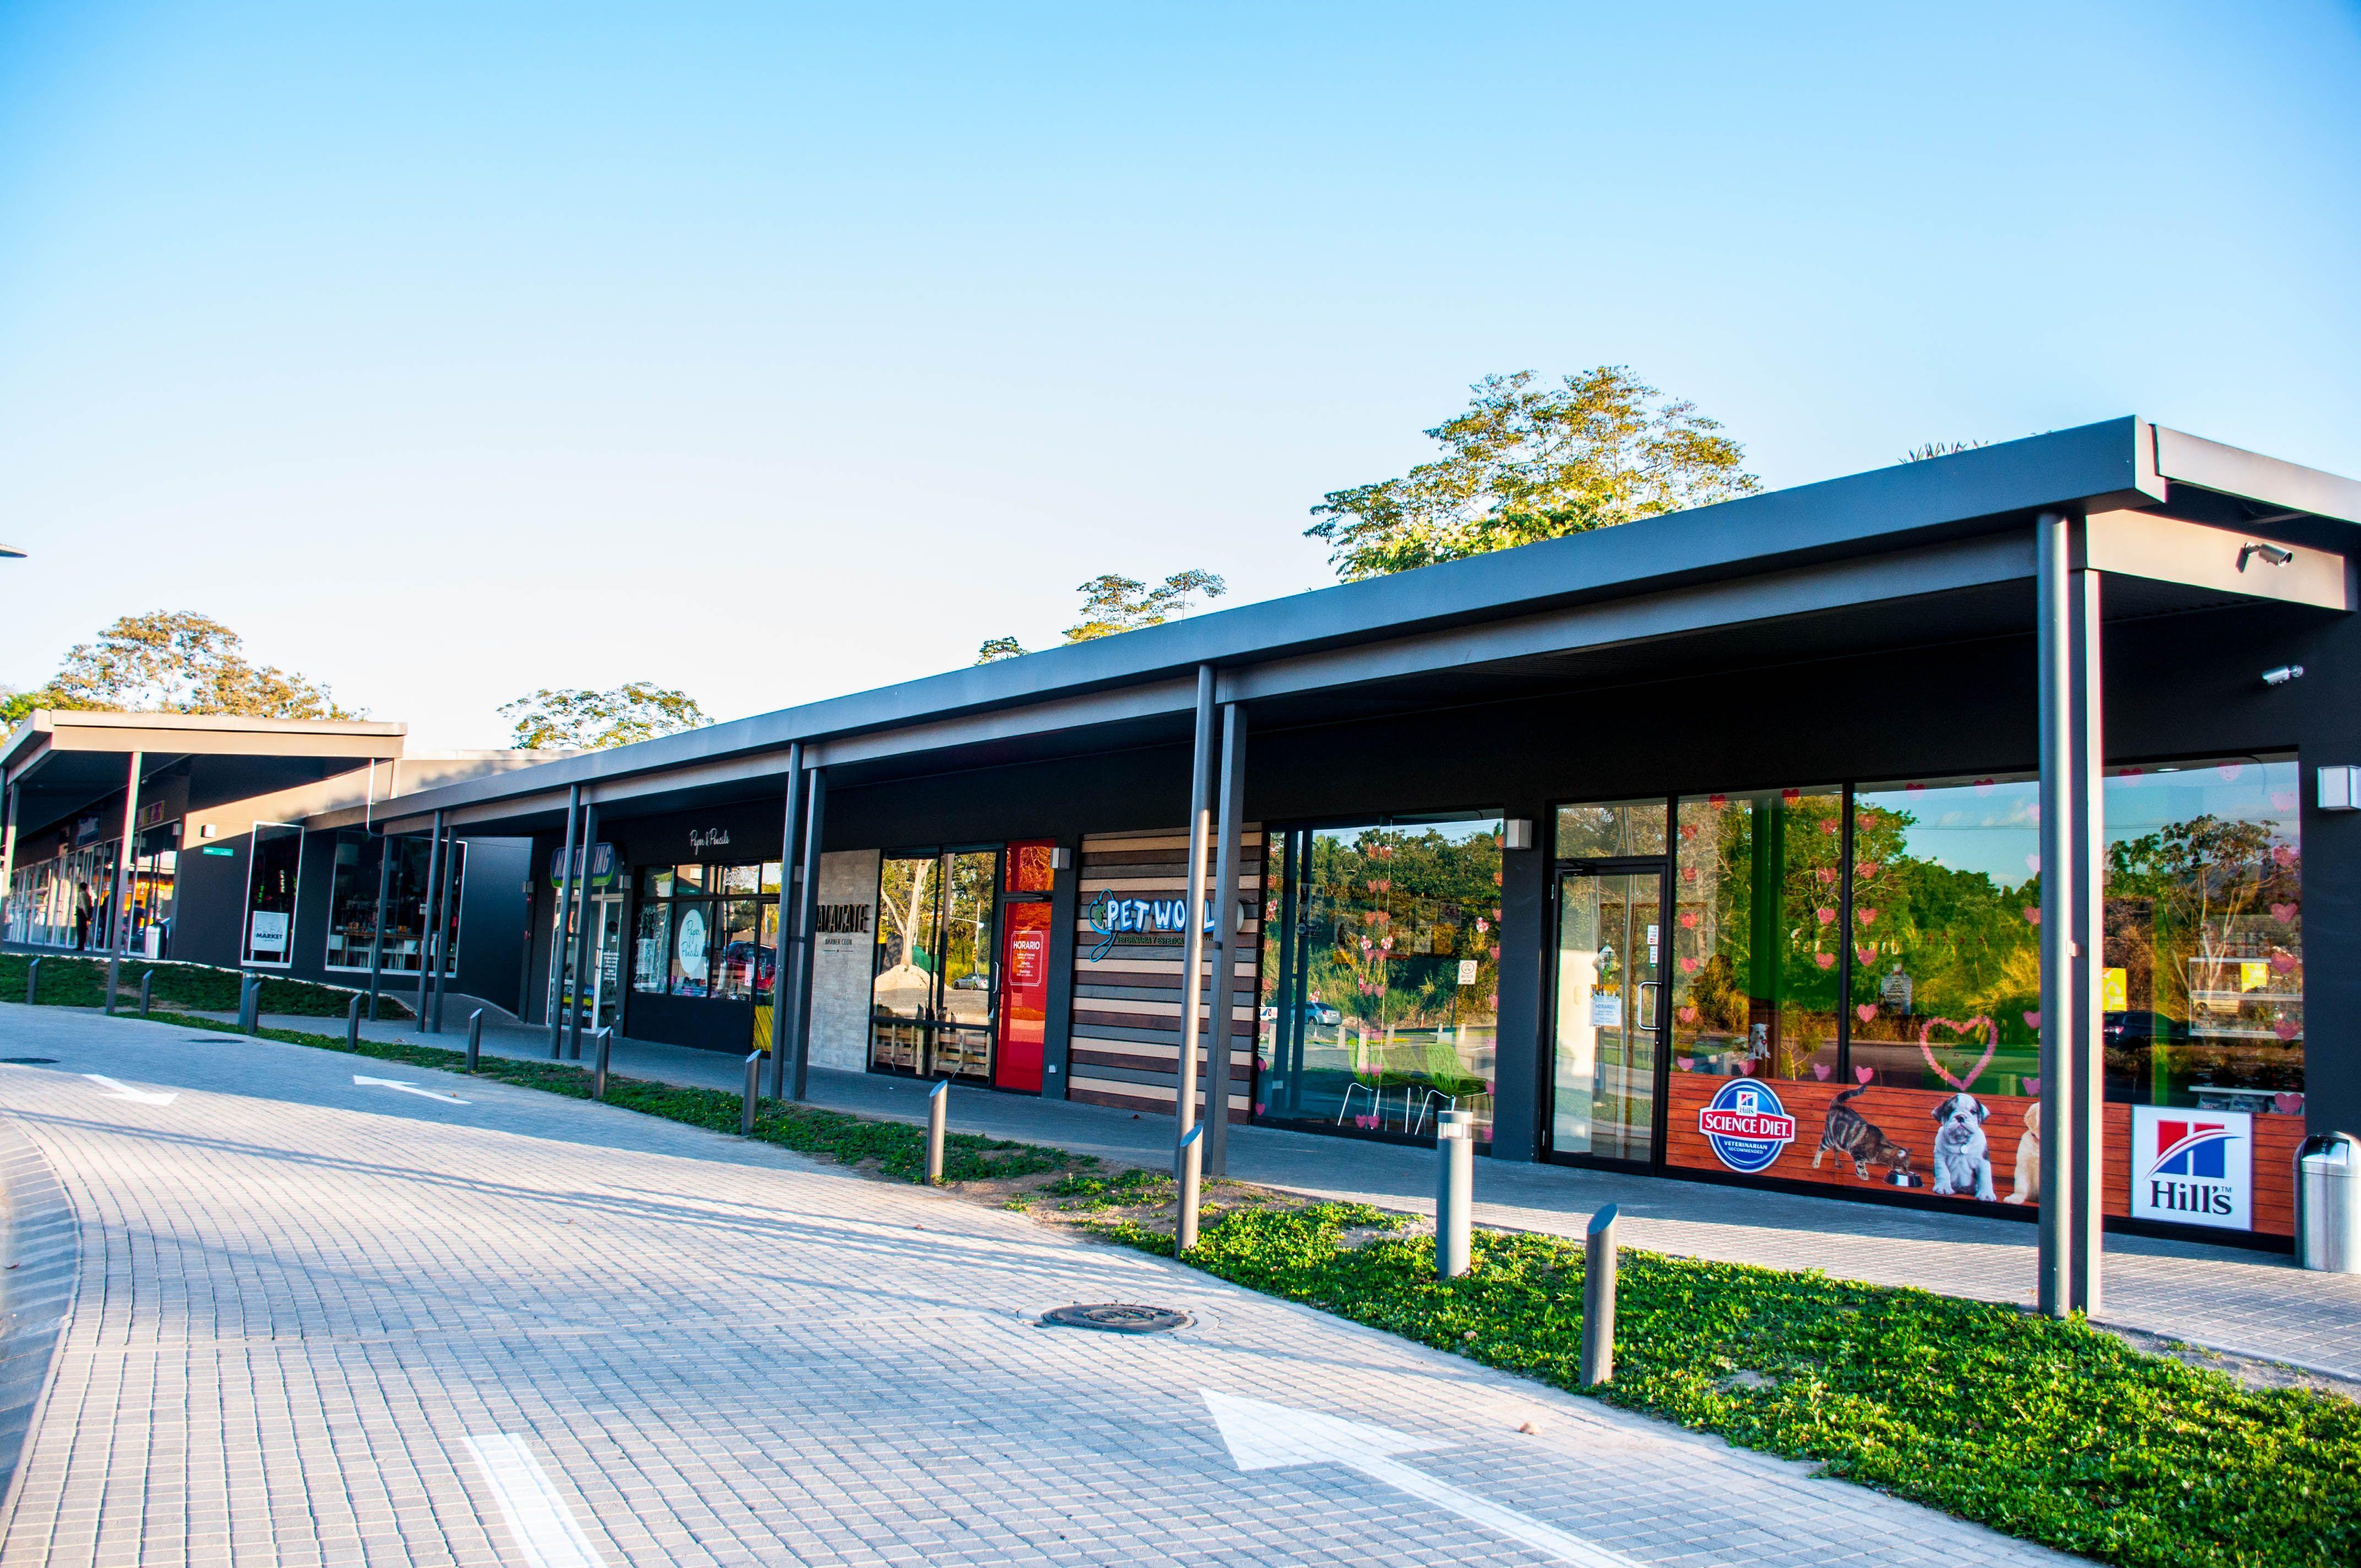 Centro Comercial La Skina